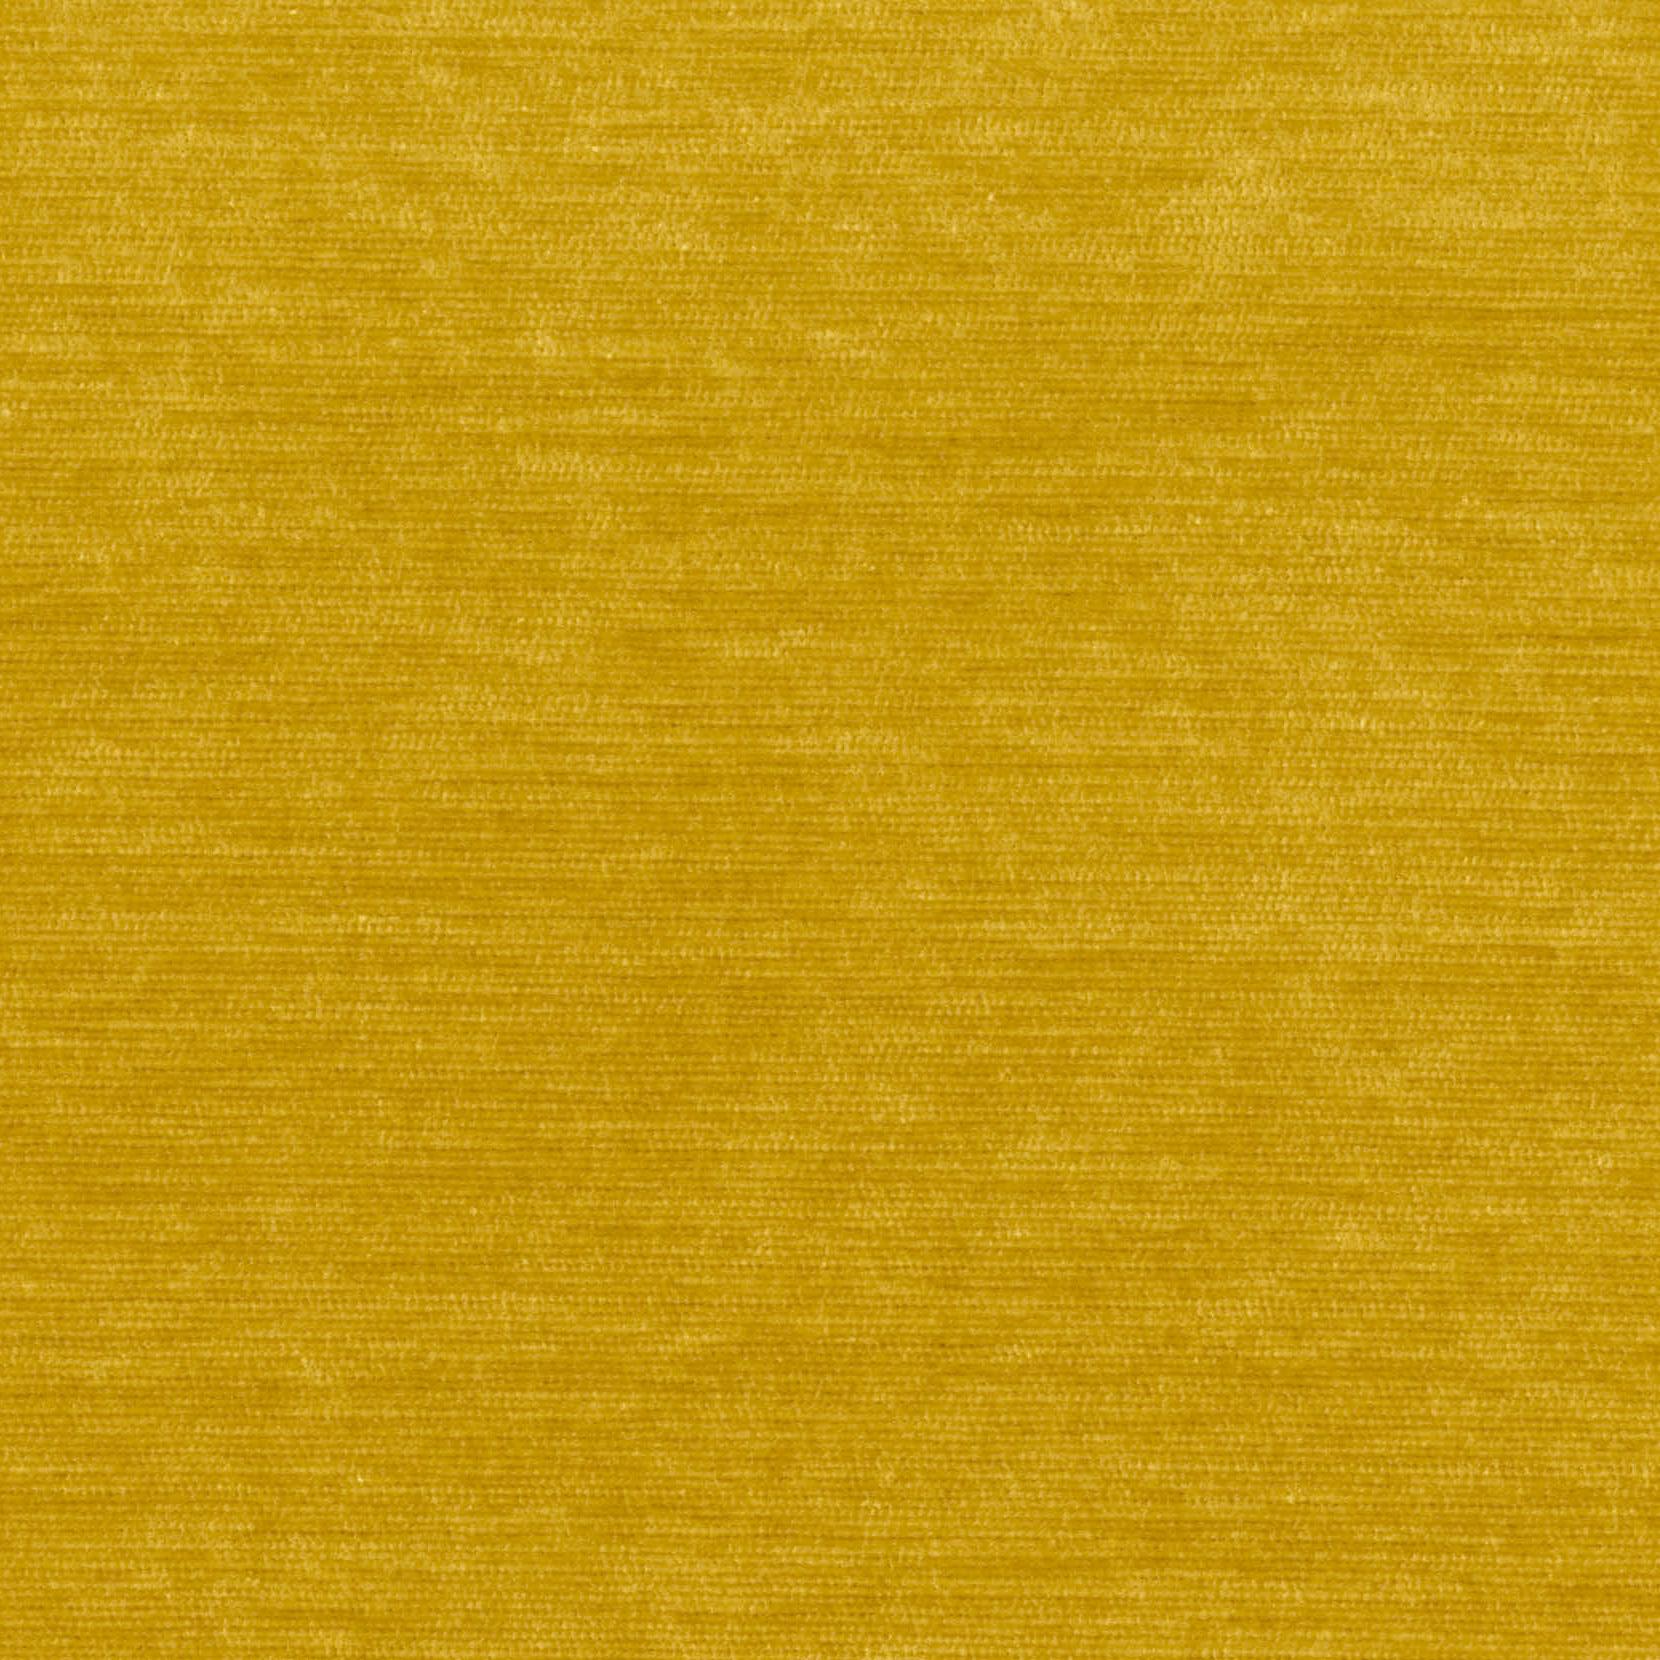 3 Elyot mustard